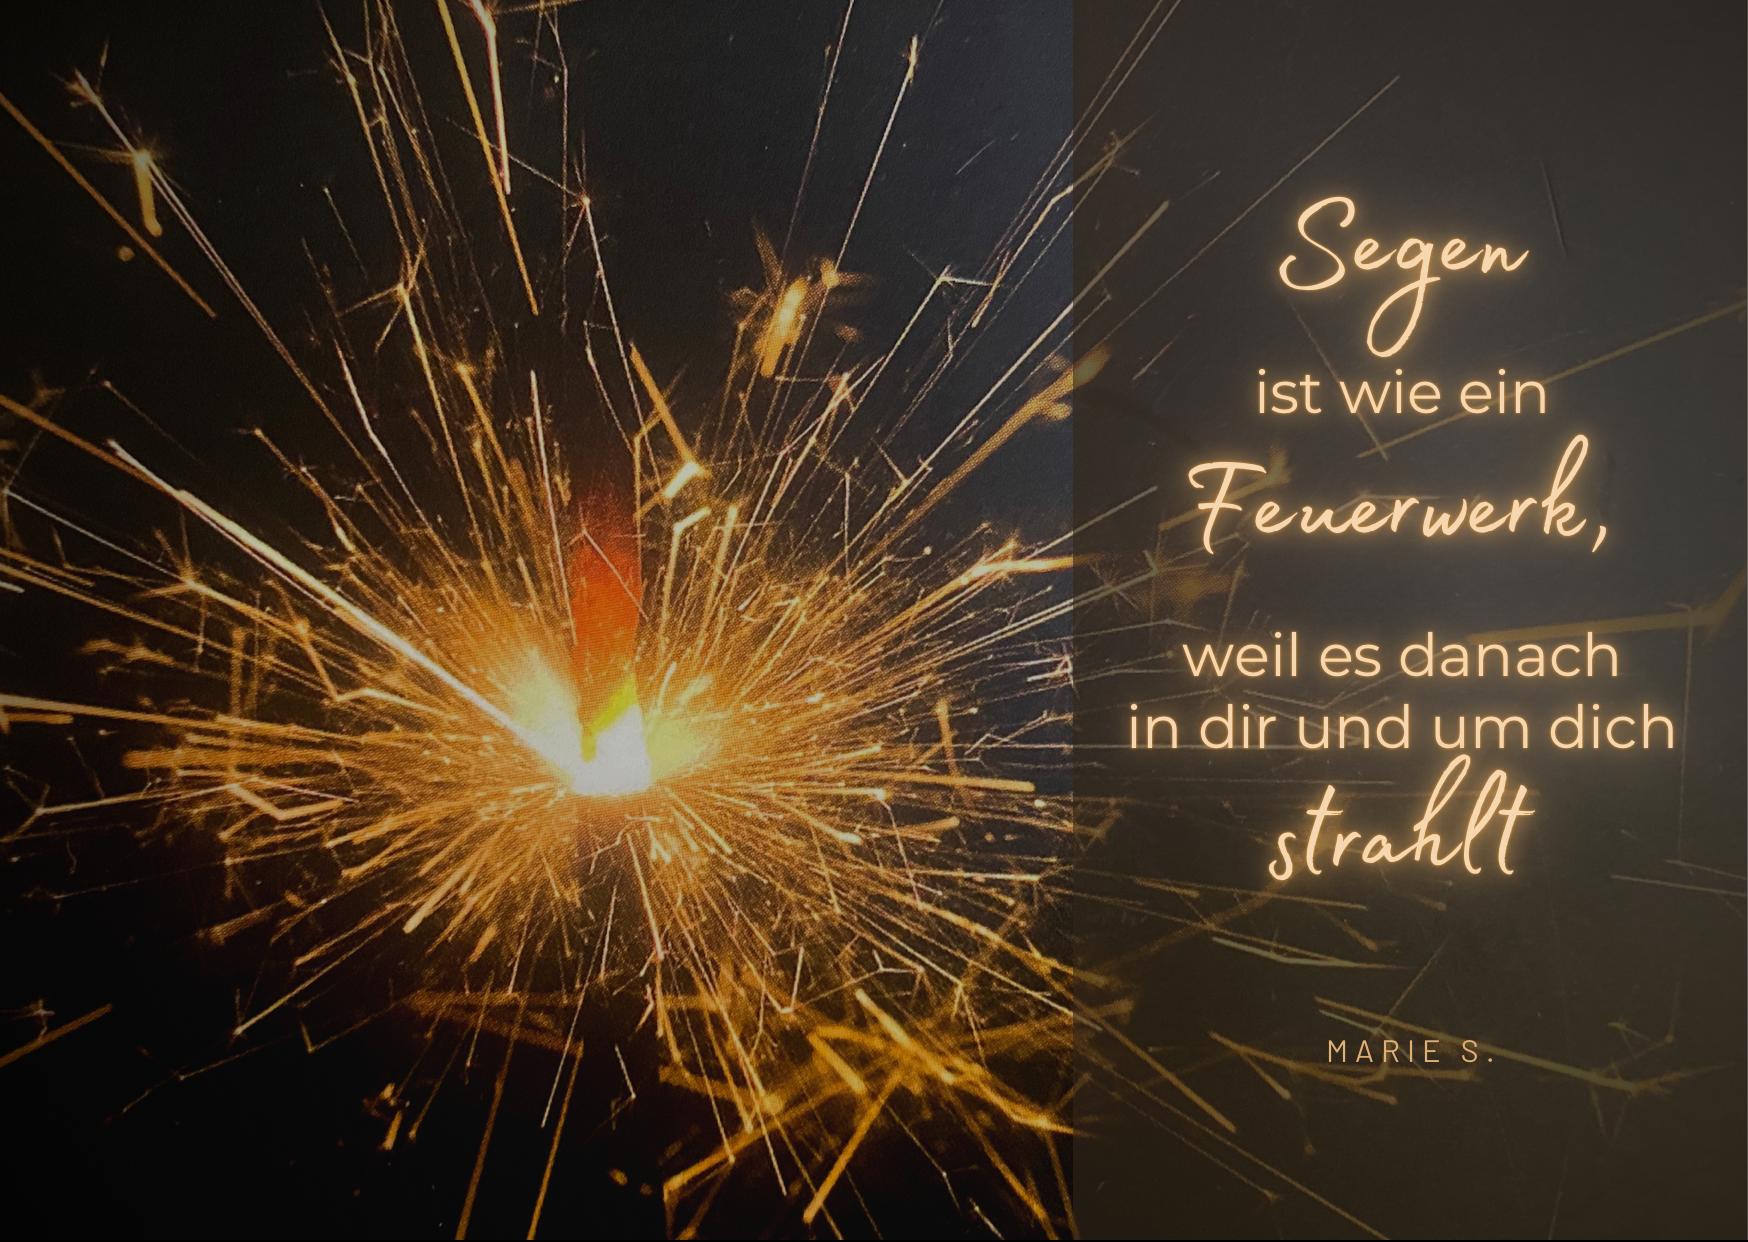 Eine brennende Wunderkerze. Der Schriftzug: Segen ist wie ein Feuerwerk, weil es danach in Dir und um Dich strahlt